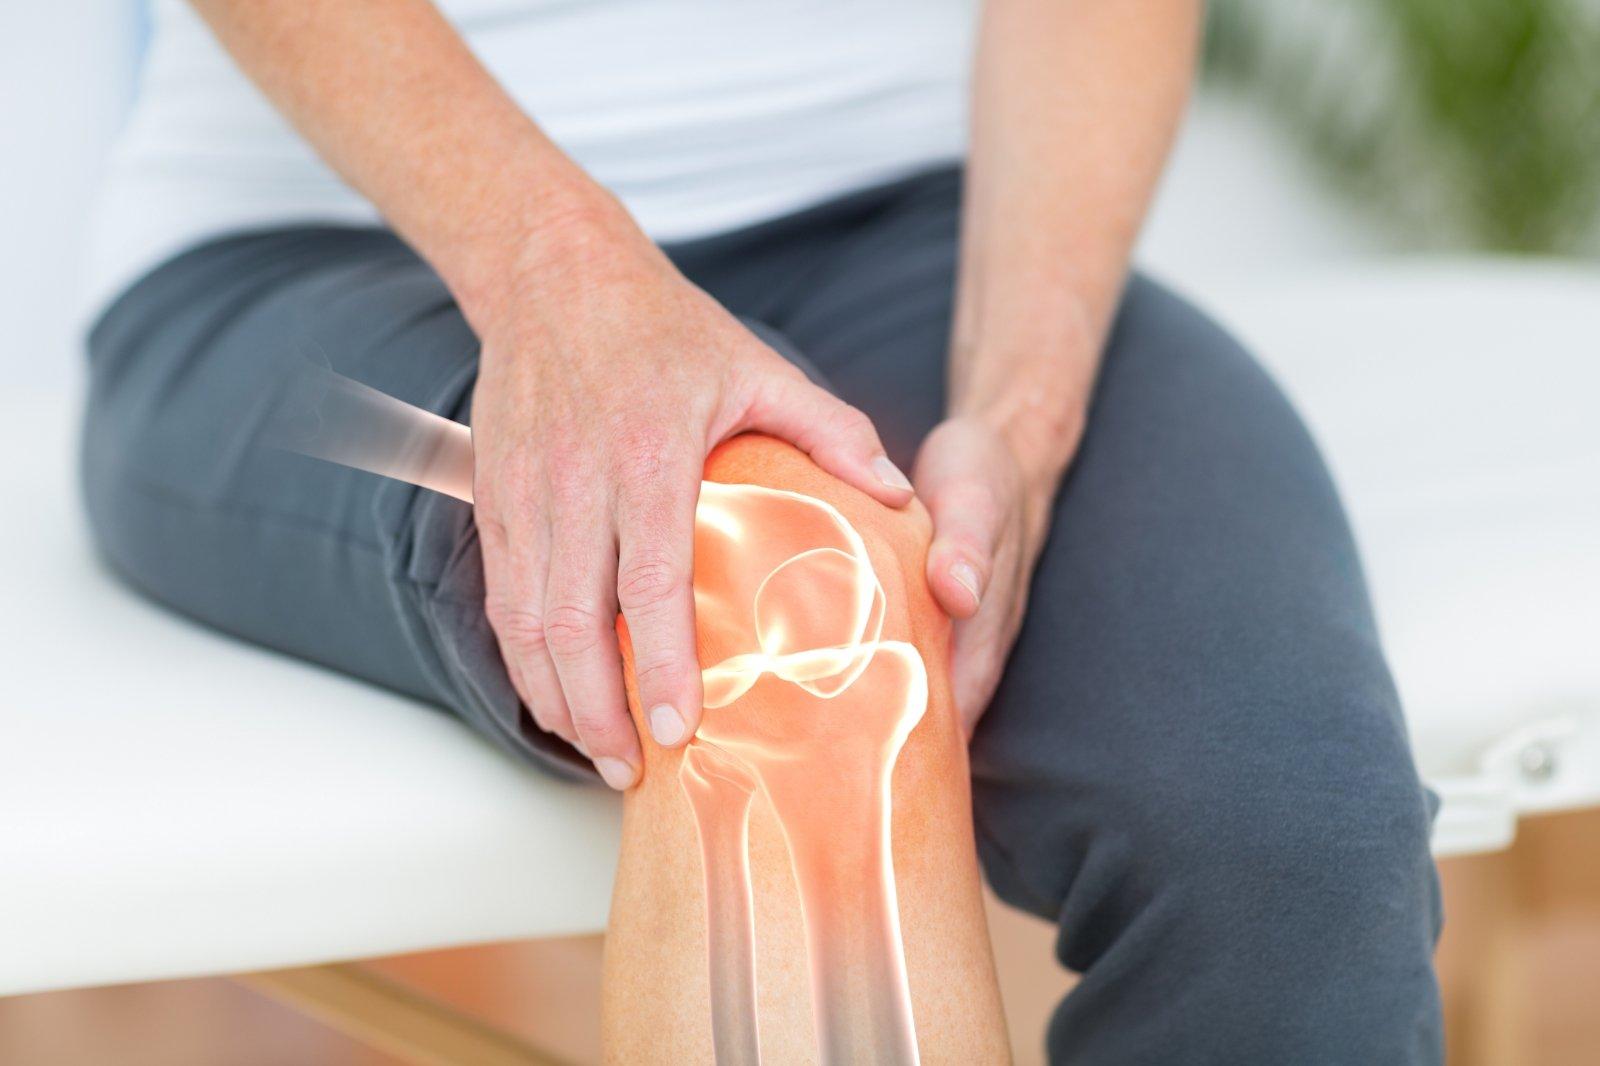 liga artrozė žasto bendrą gydymo runos iš sąnarių skausmas